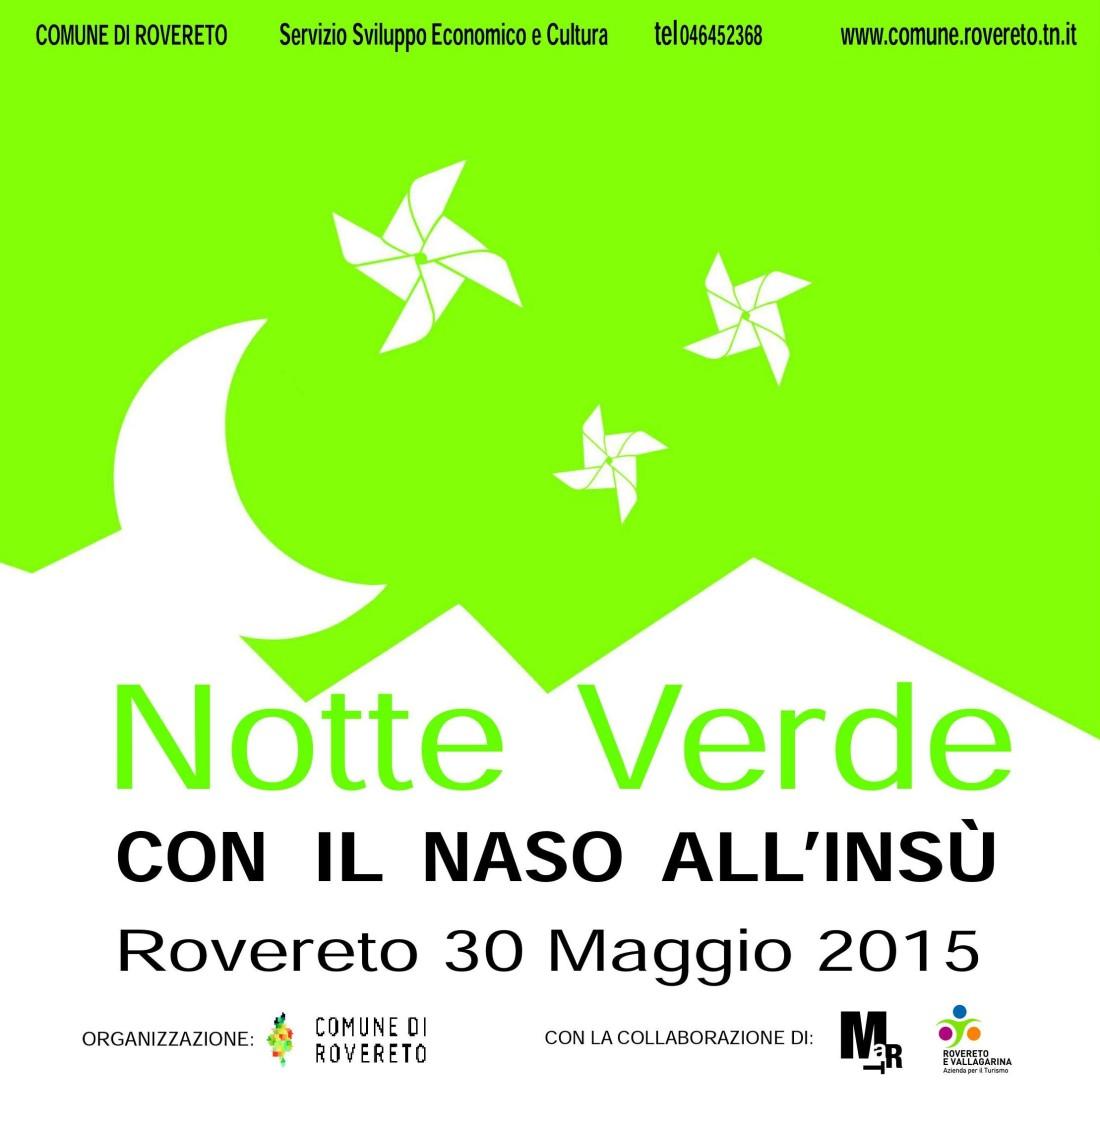 Notte-verde-Rovereto-visitrovereto